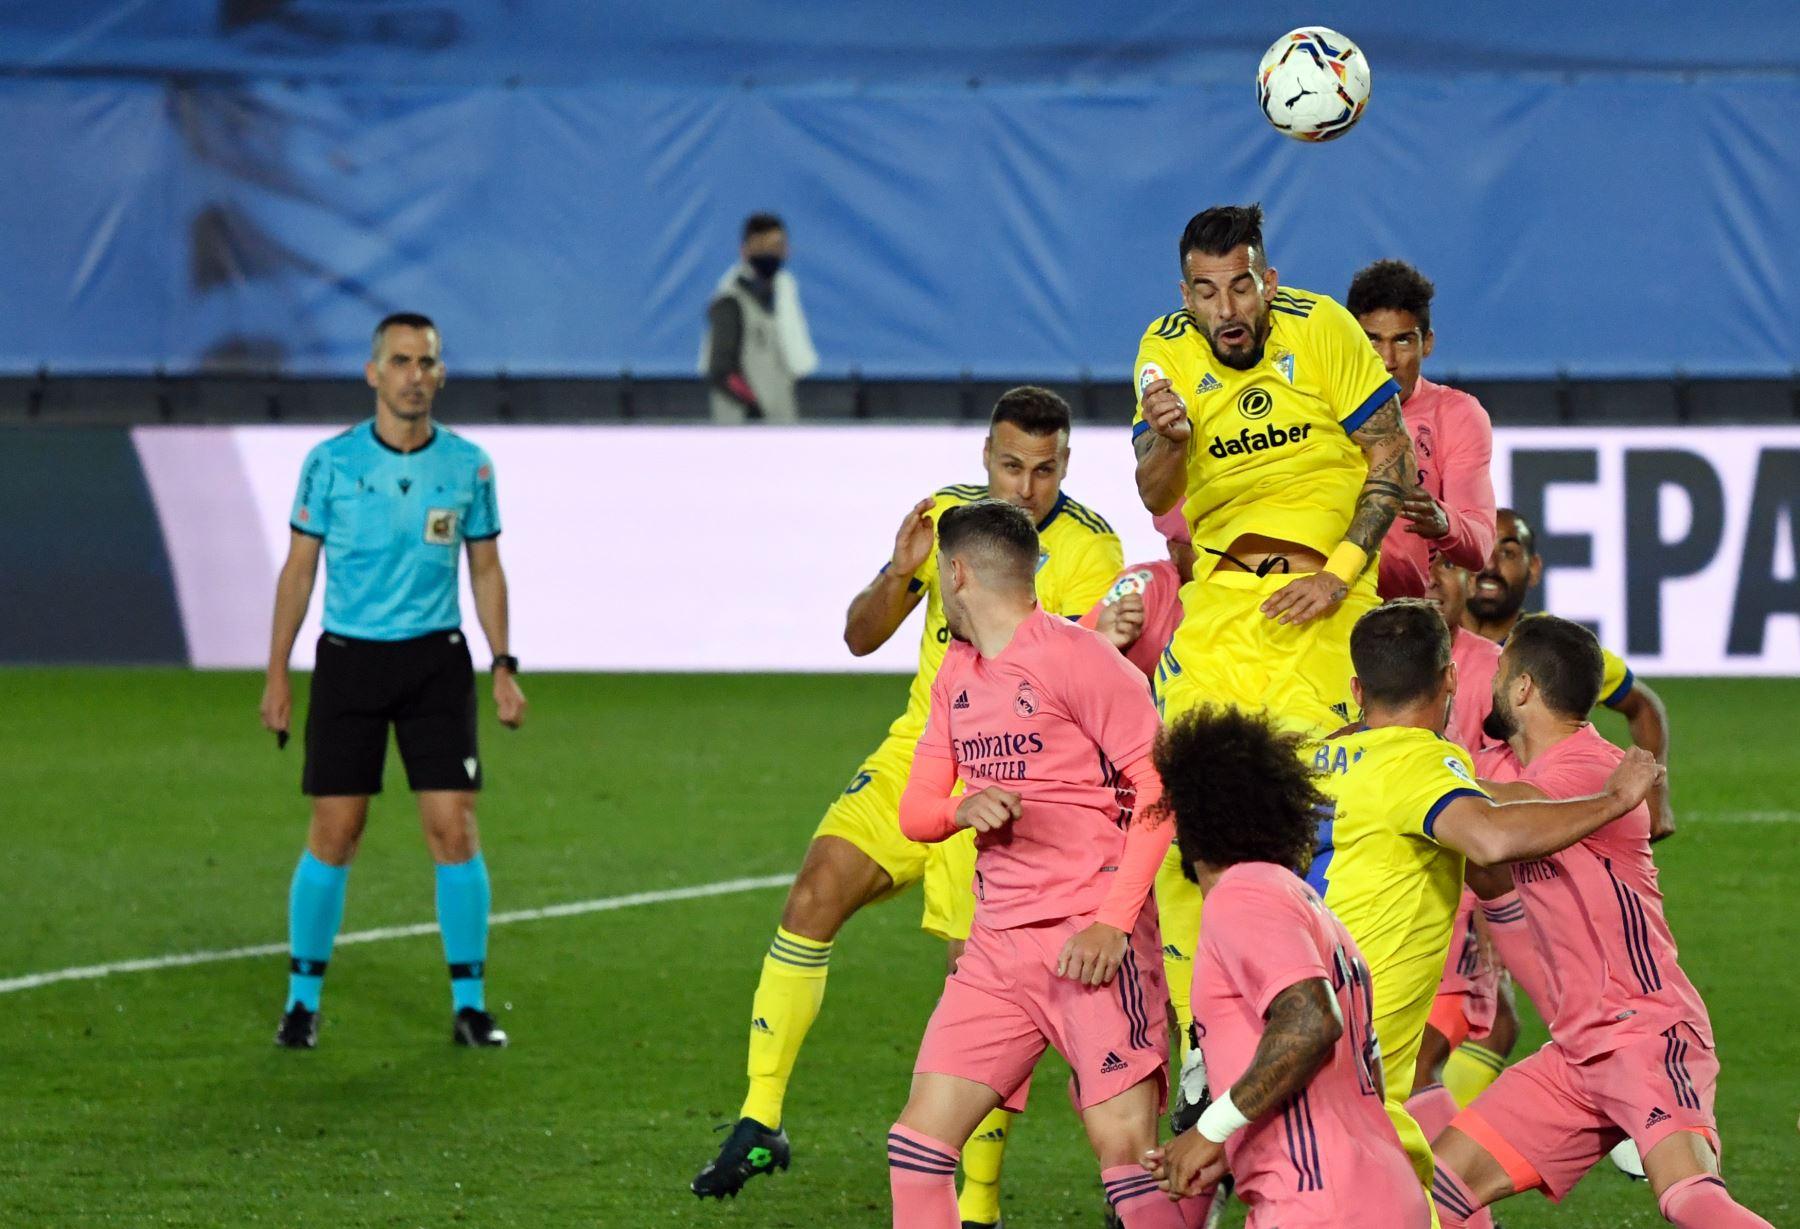 El delantero español de Cádiz, Álvaro Negredo, dirige el balón hacia la portería del Real Madrid durante el partido de fútbol de la Liga española en el estadio Alfredo Di Stefano, en Valdebebas, noreste de Madrid. Foto: AFP